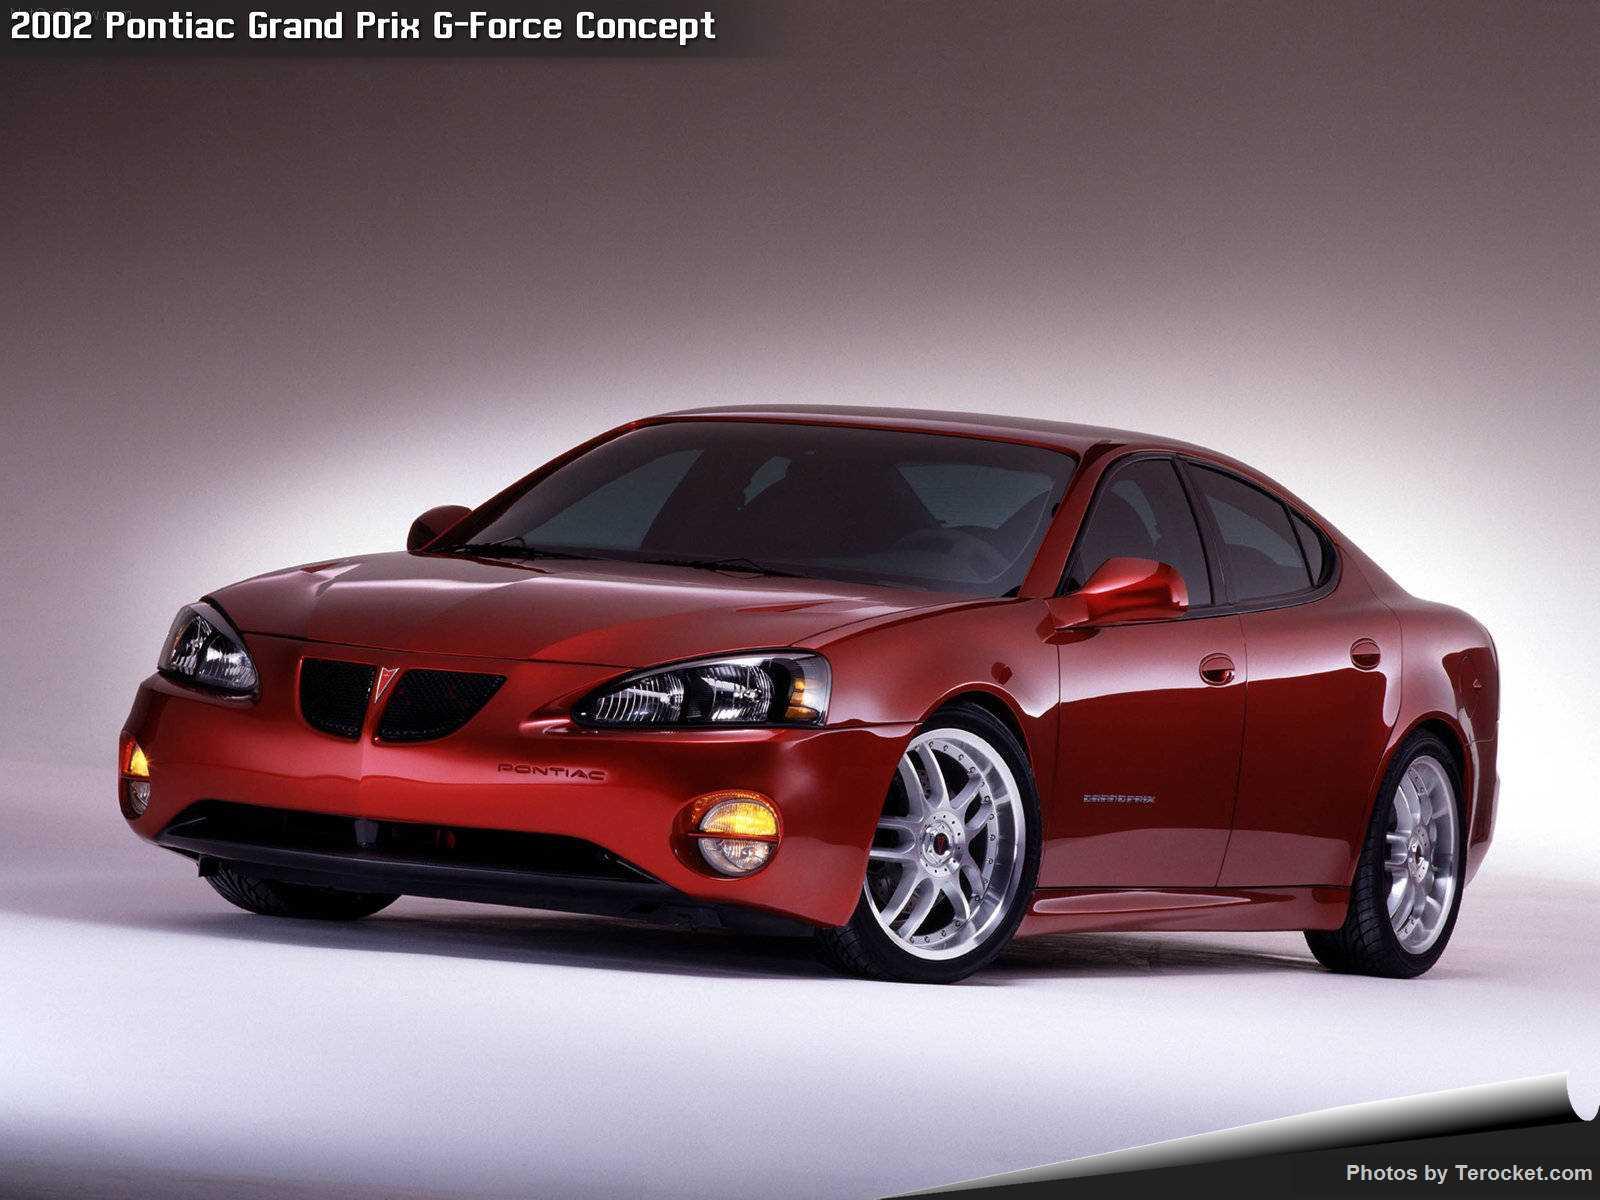 Hình ảnh xe ô tô Pontiac Grand Prix G-Force Concept 2002 & nội ngoại thất